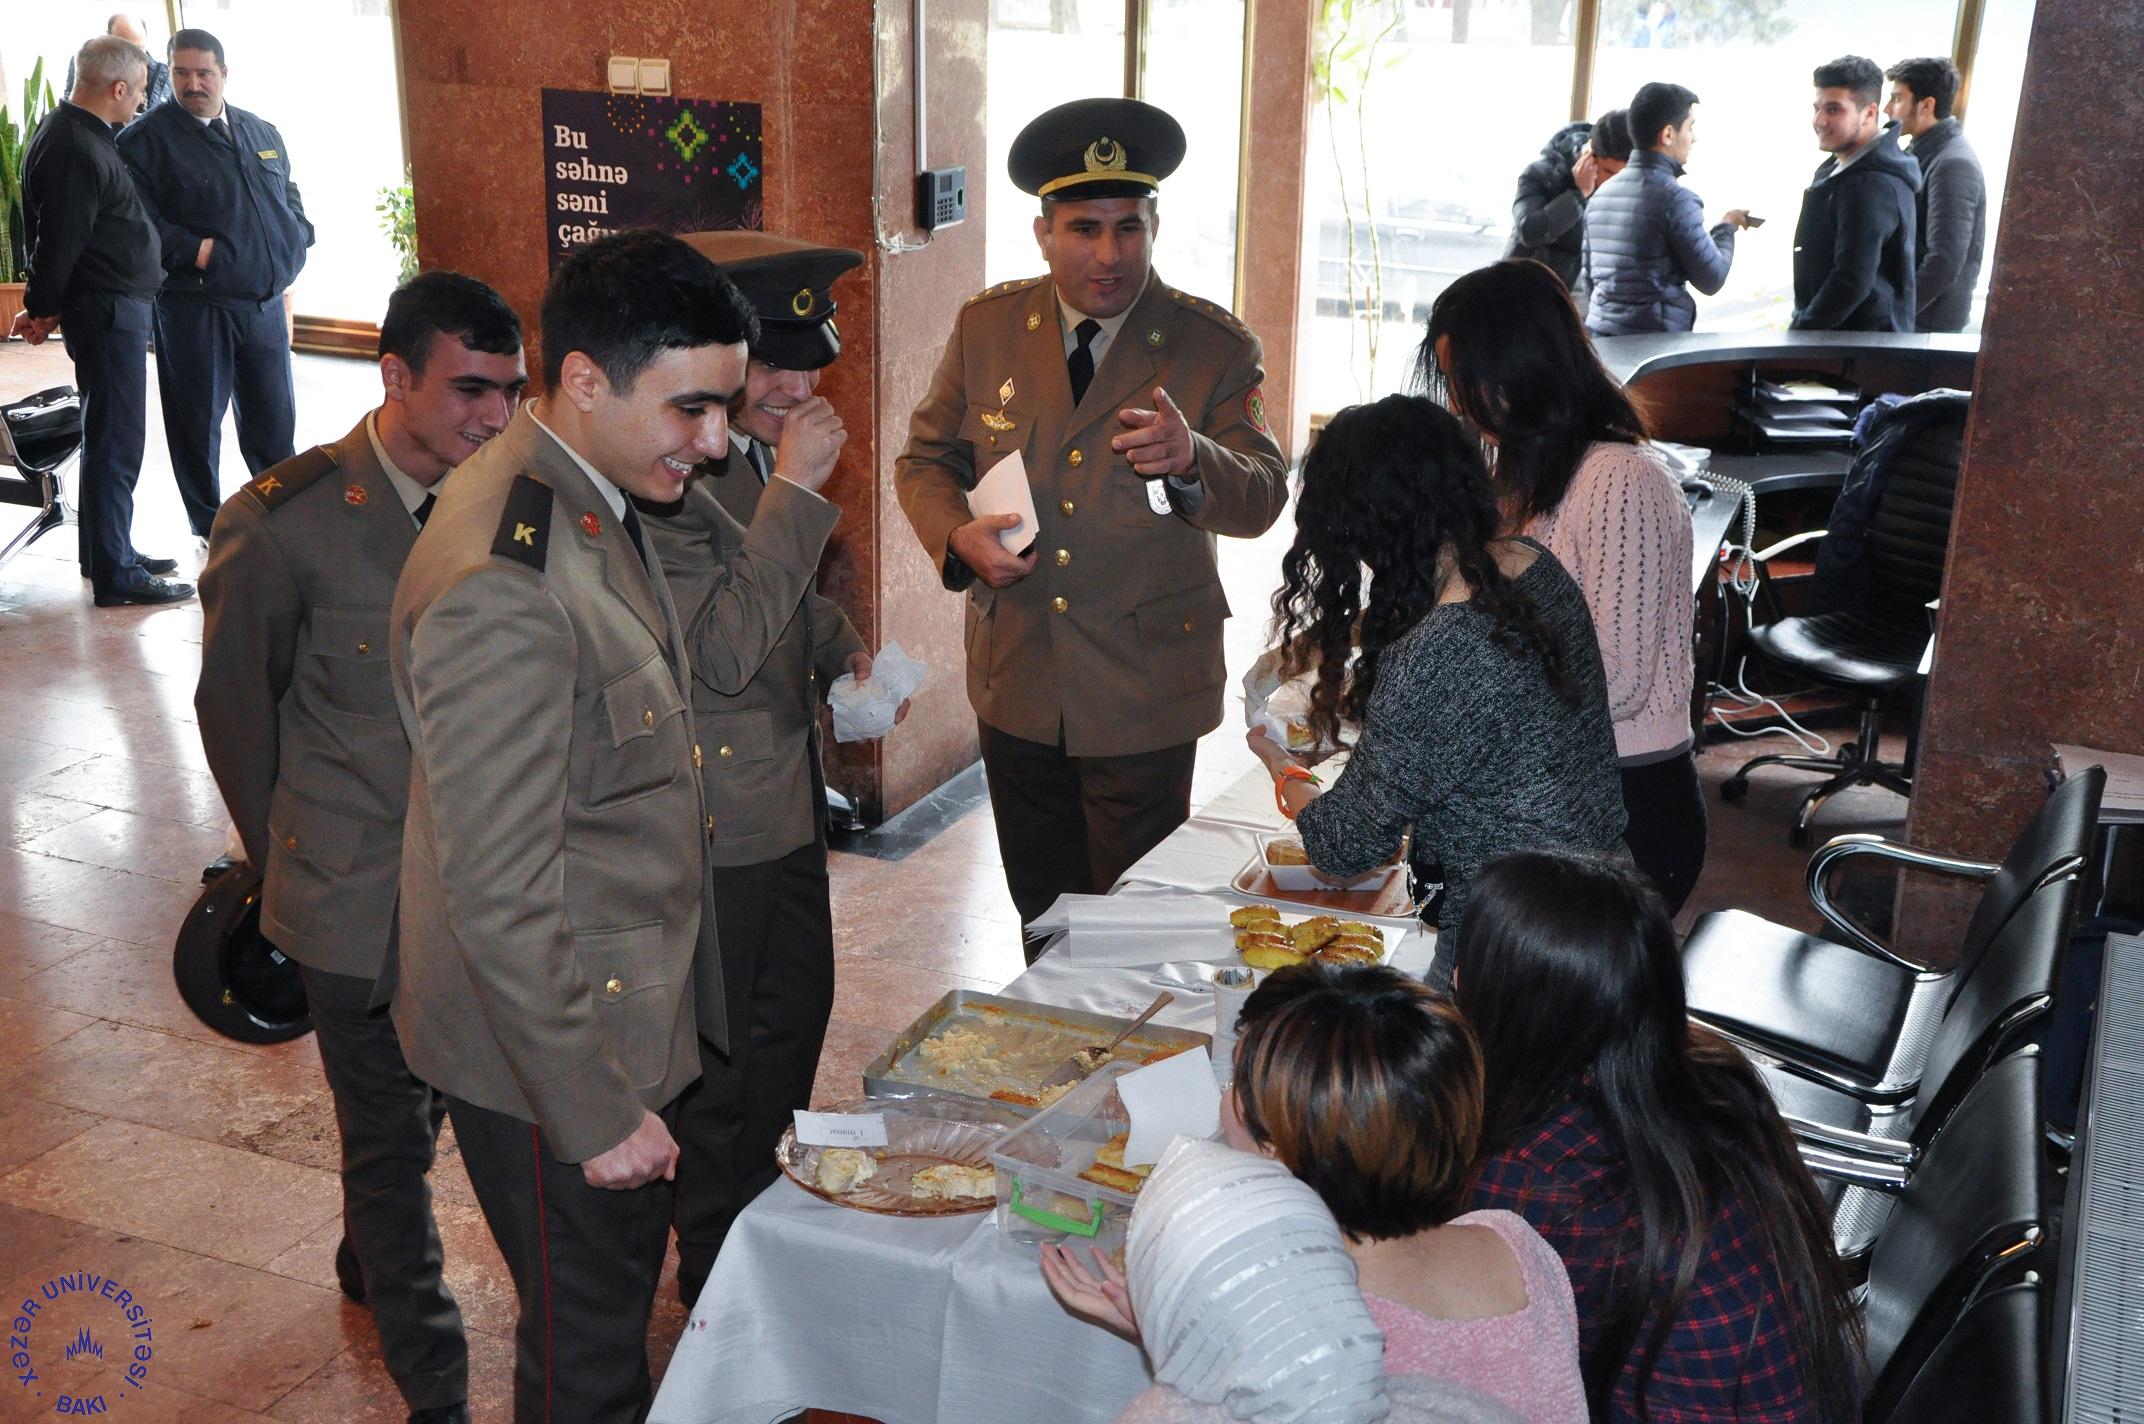 Khazar University Holds Bake Sale for Charity